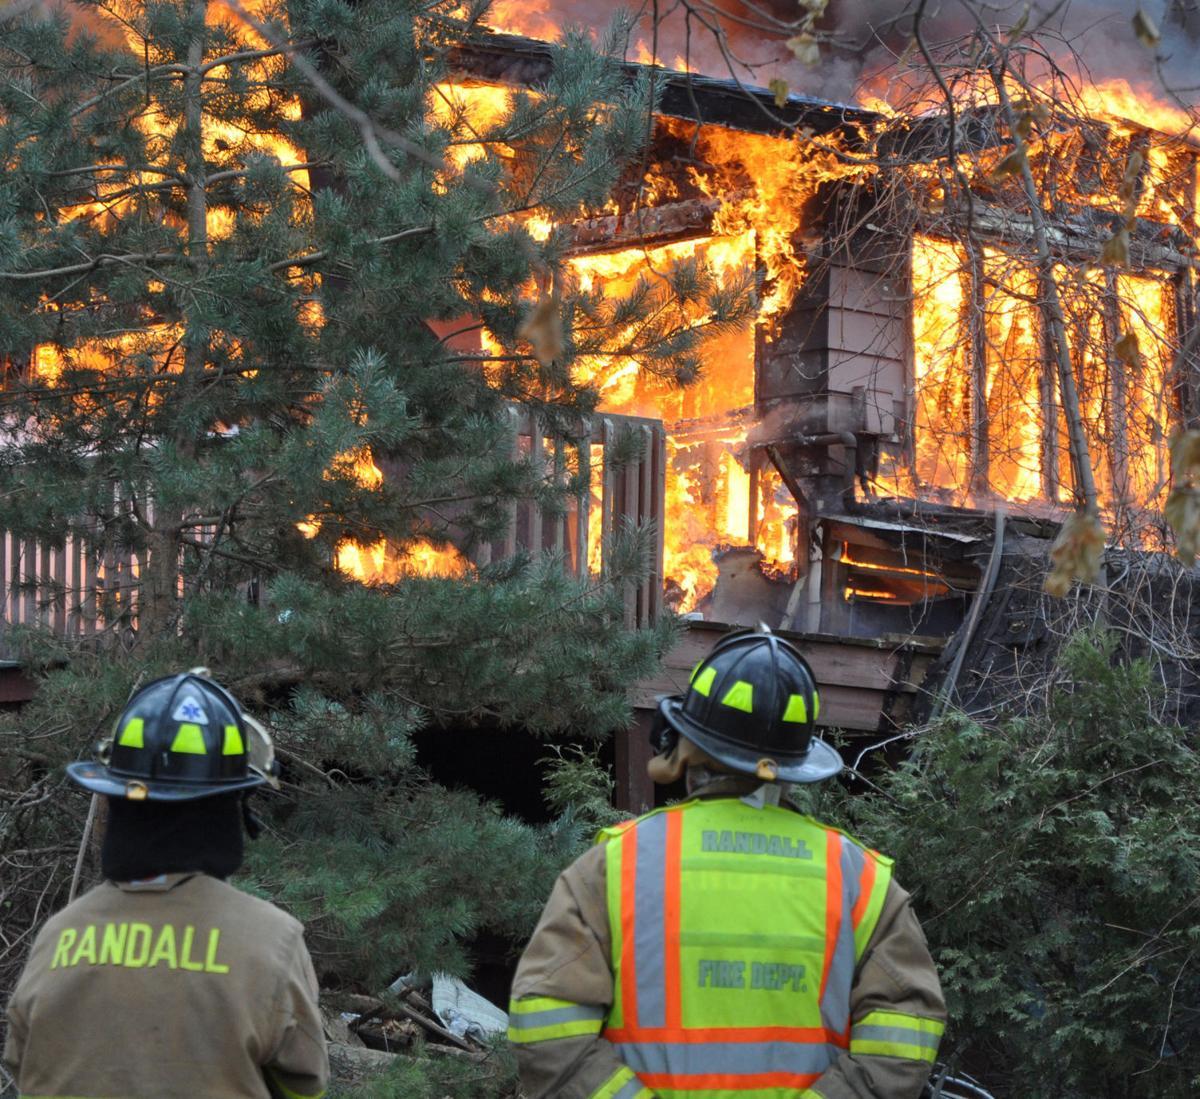 Controlled burn at Lake Benedict resort